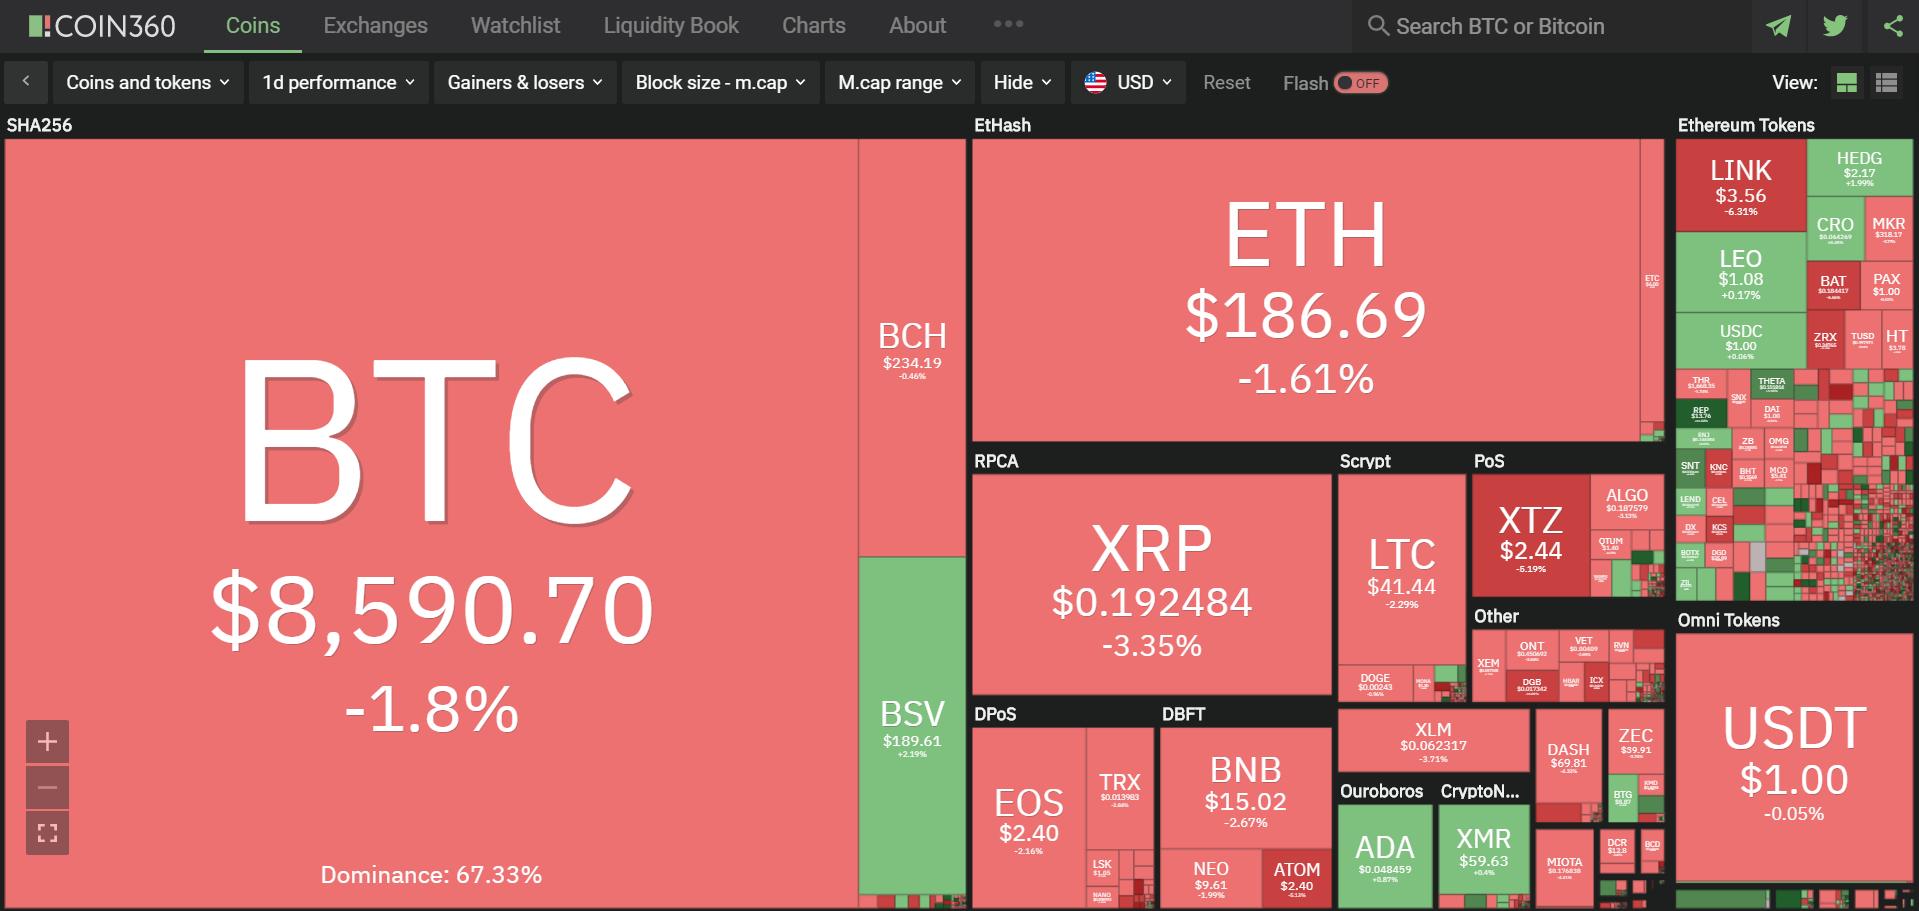 Toàn cảnh thị trường ngày 12/5 (nguồn: Coin360.com)